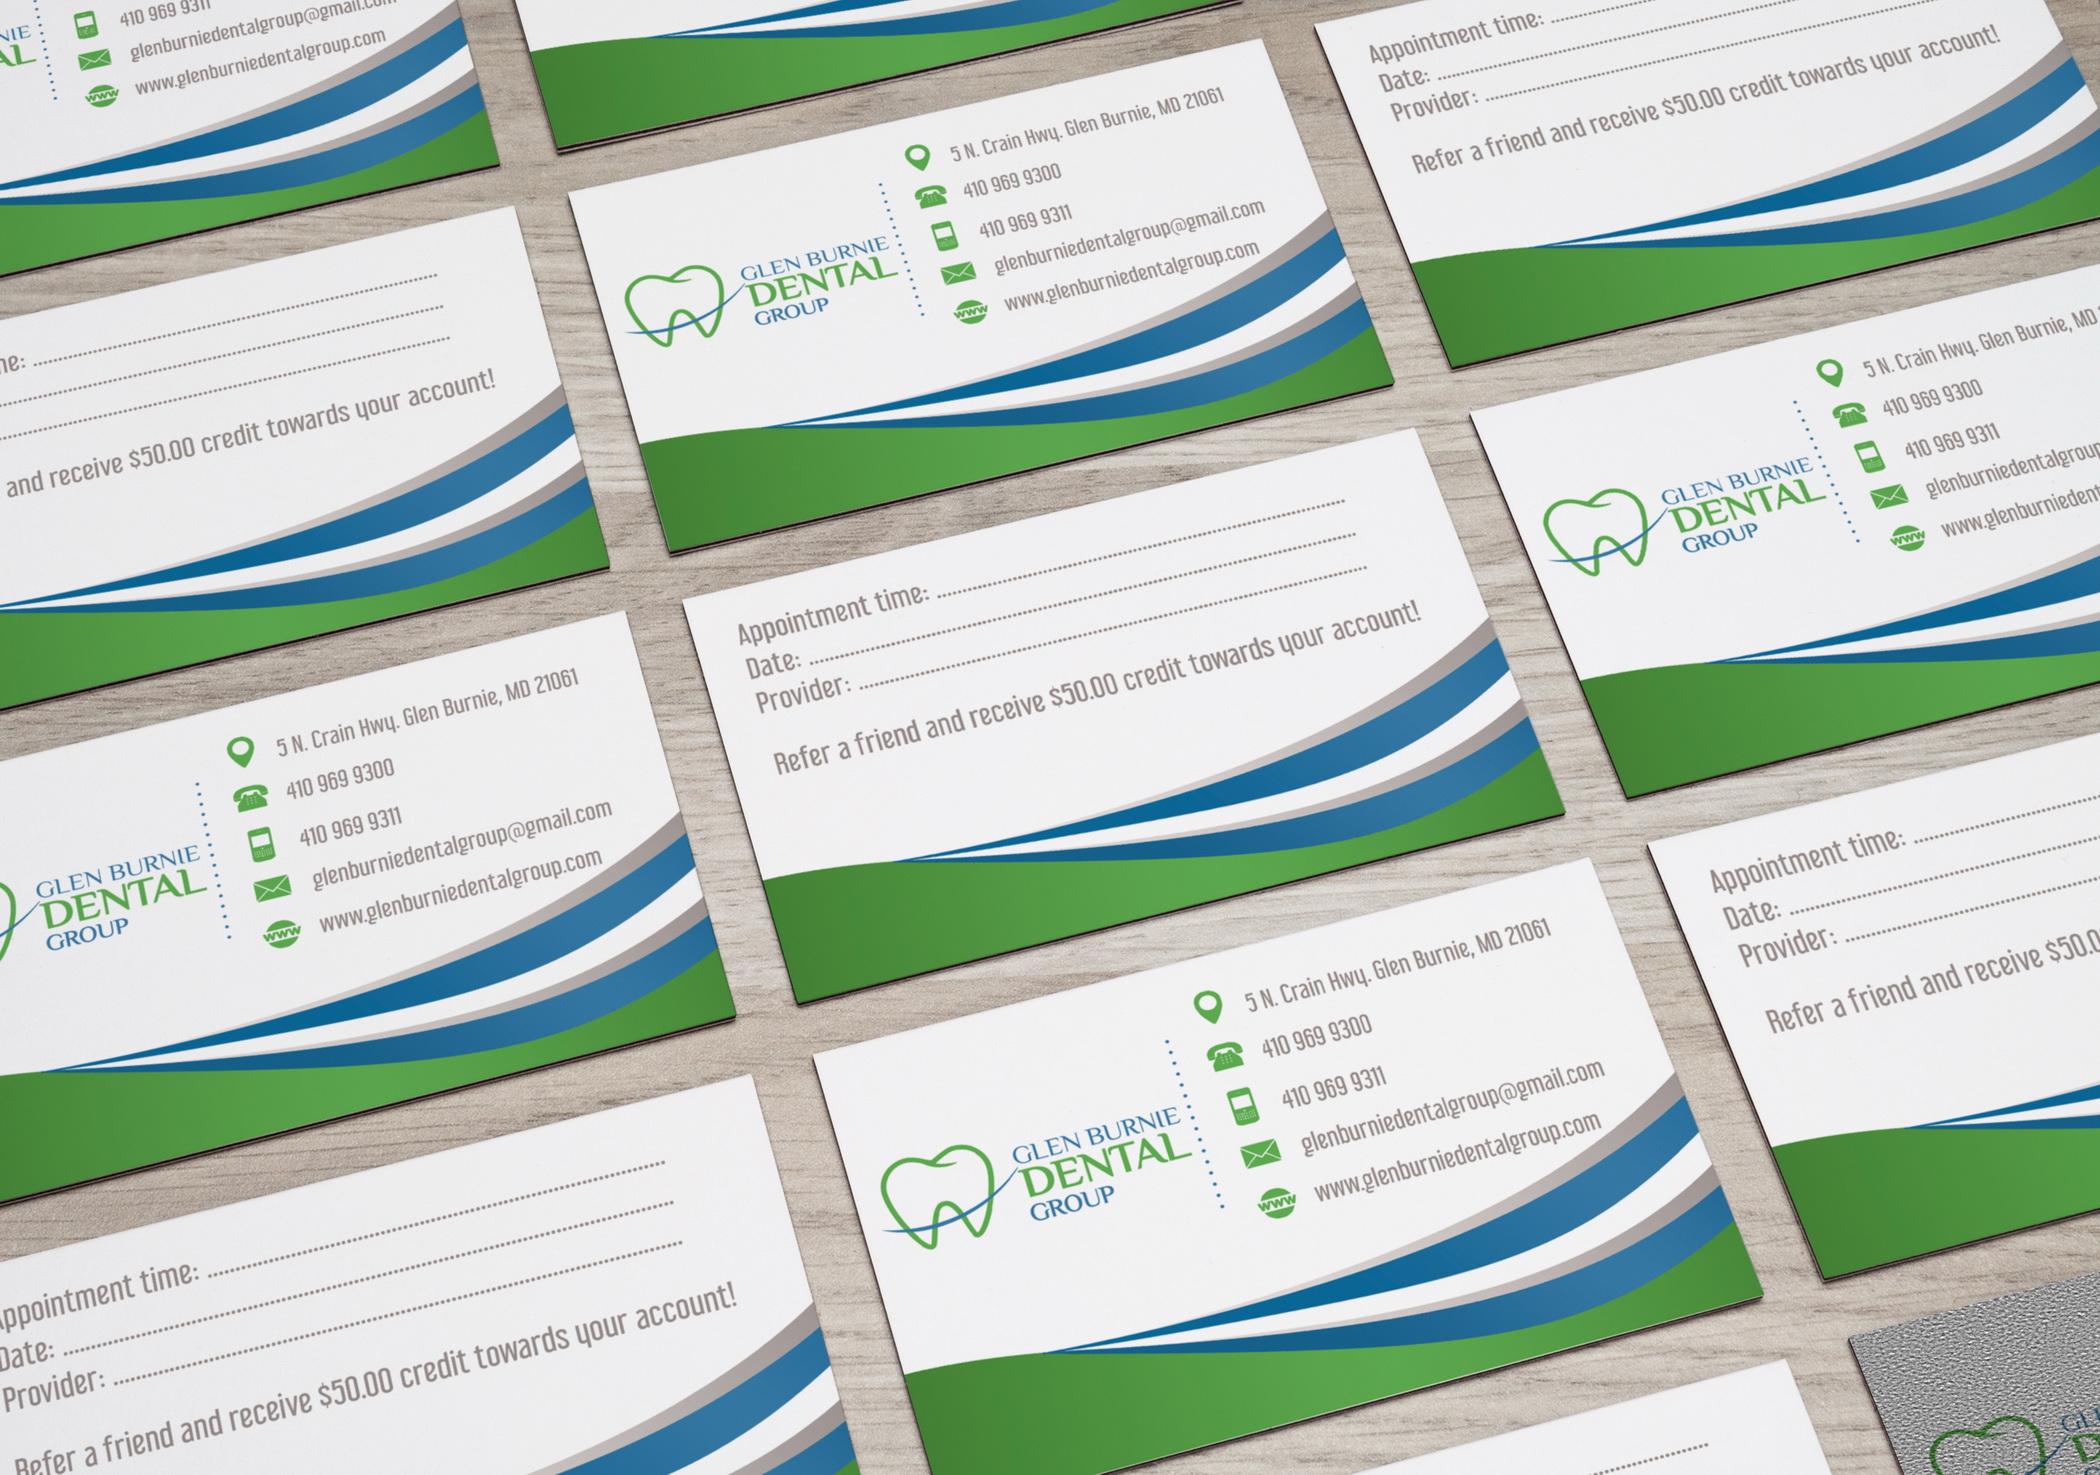 Візитки для Glen Burnie Dental Group